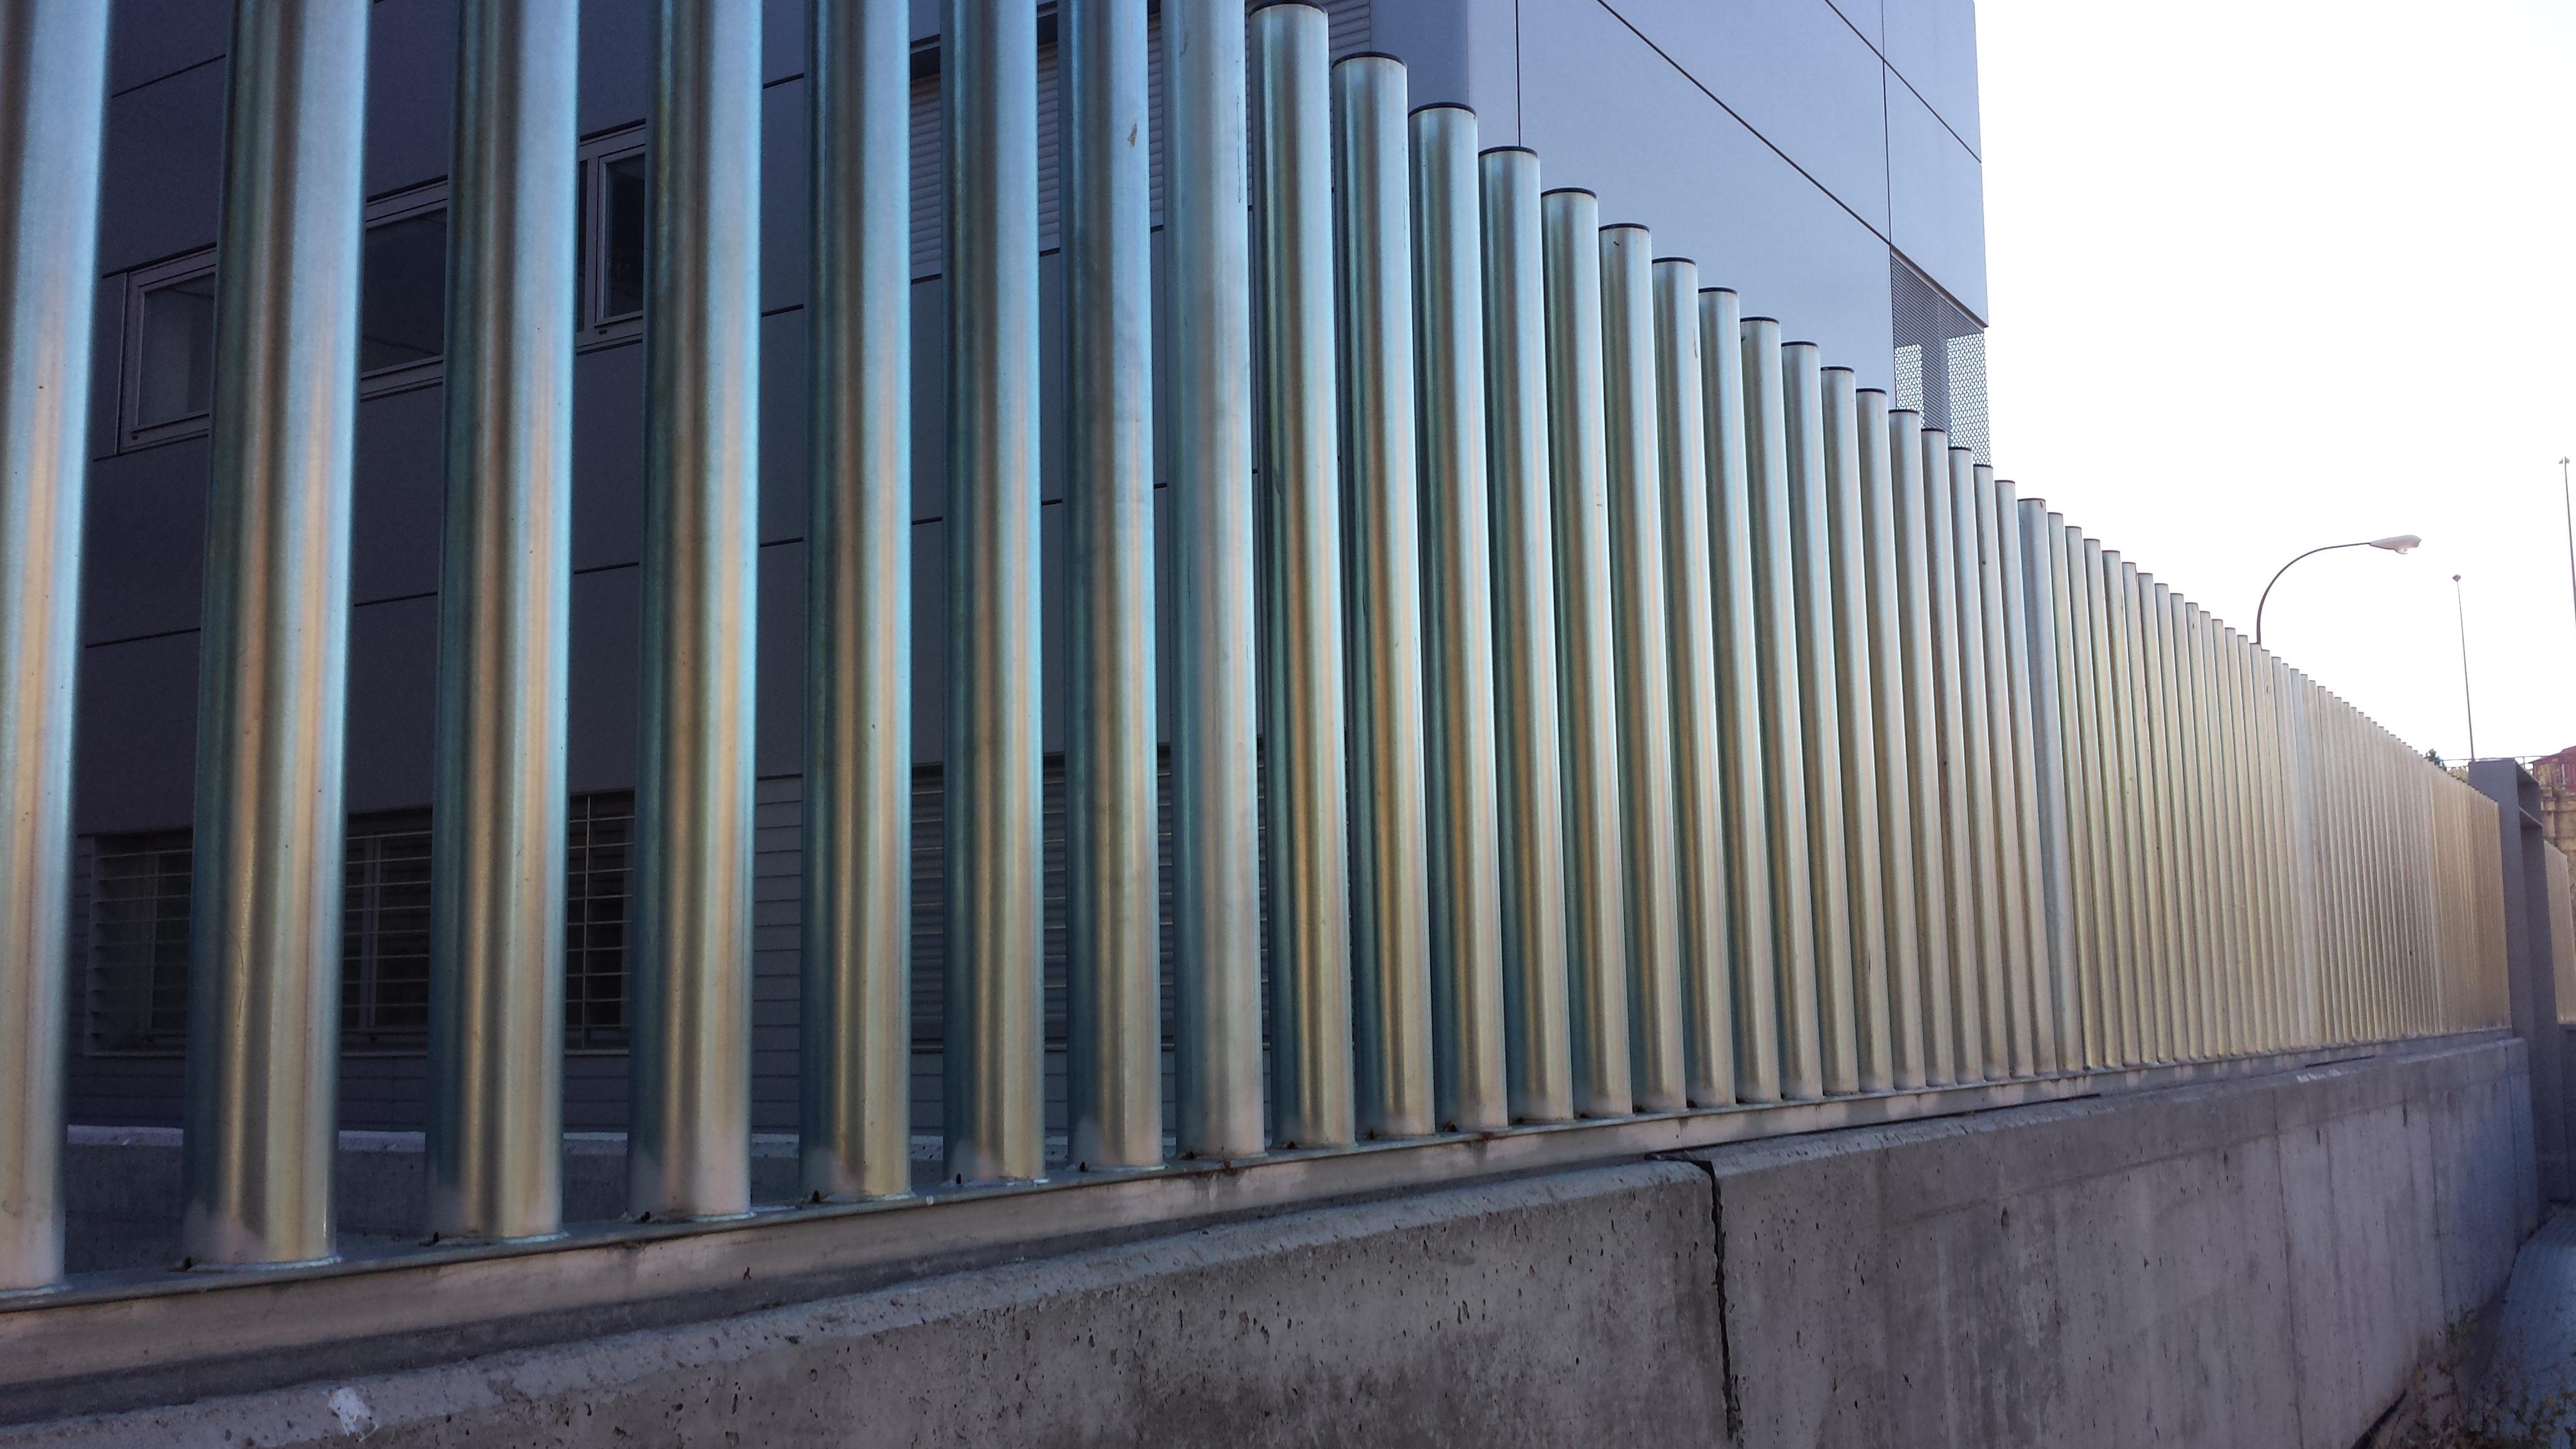 Valla cercado malla metalica verja reja puerta galvanizada for Vallas de plastico para jardin